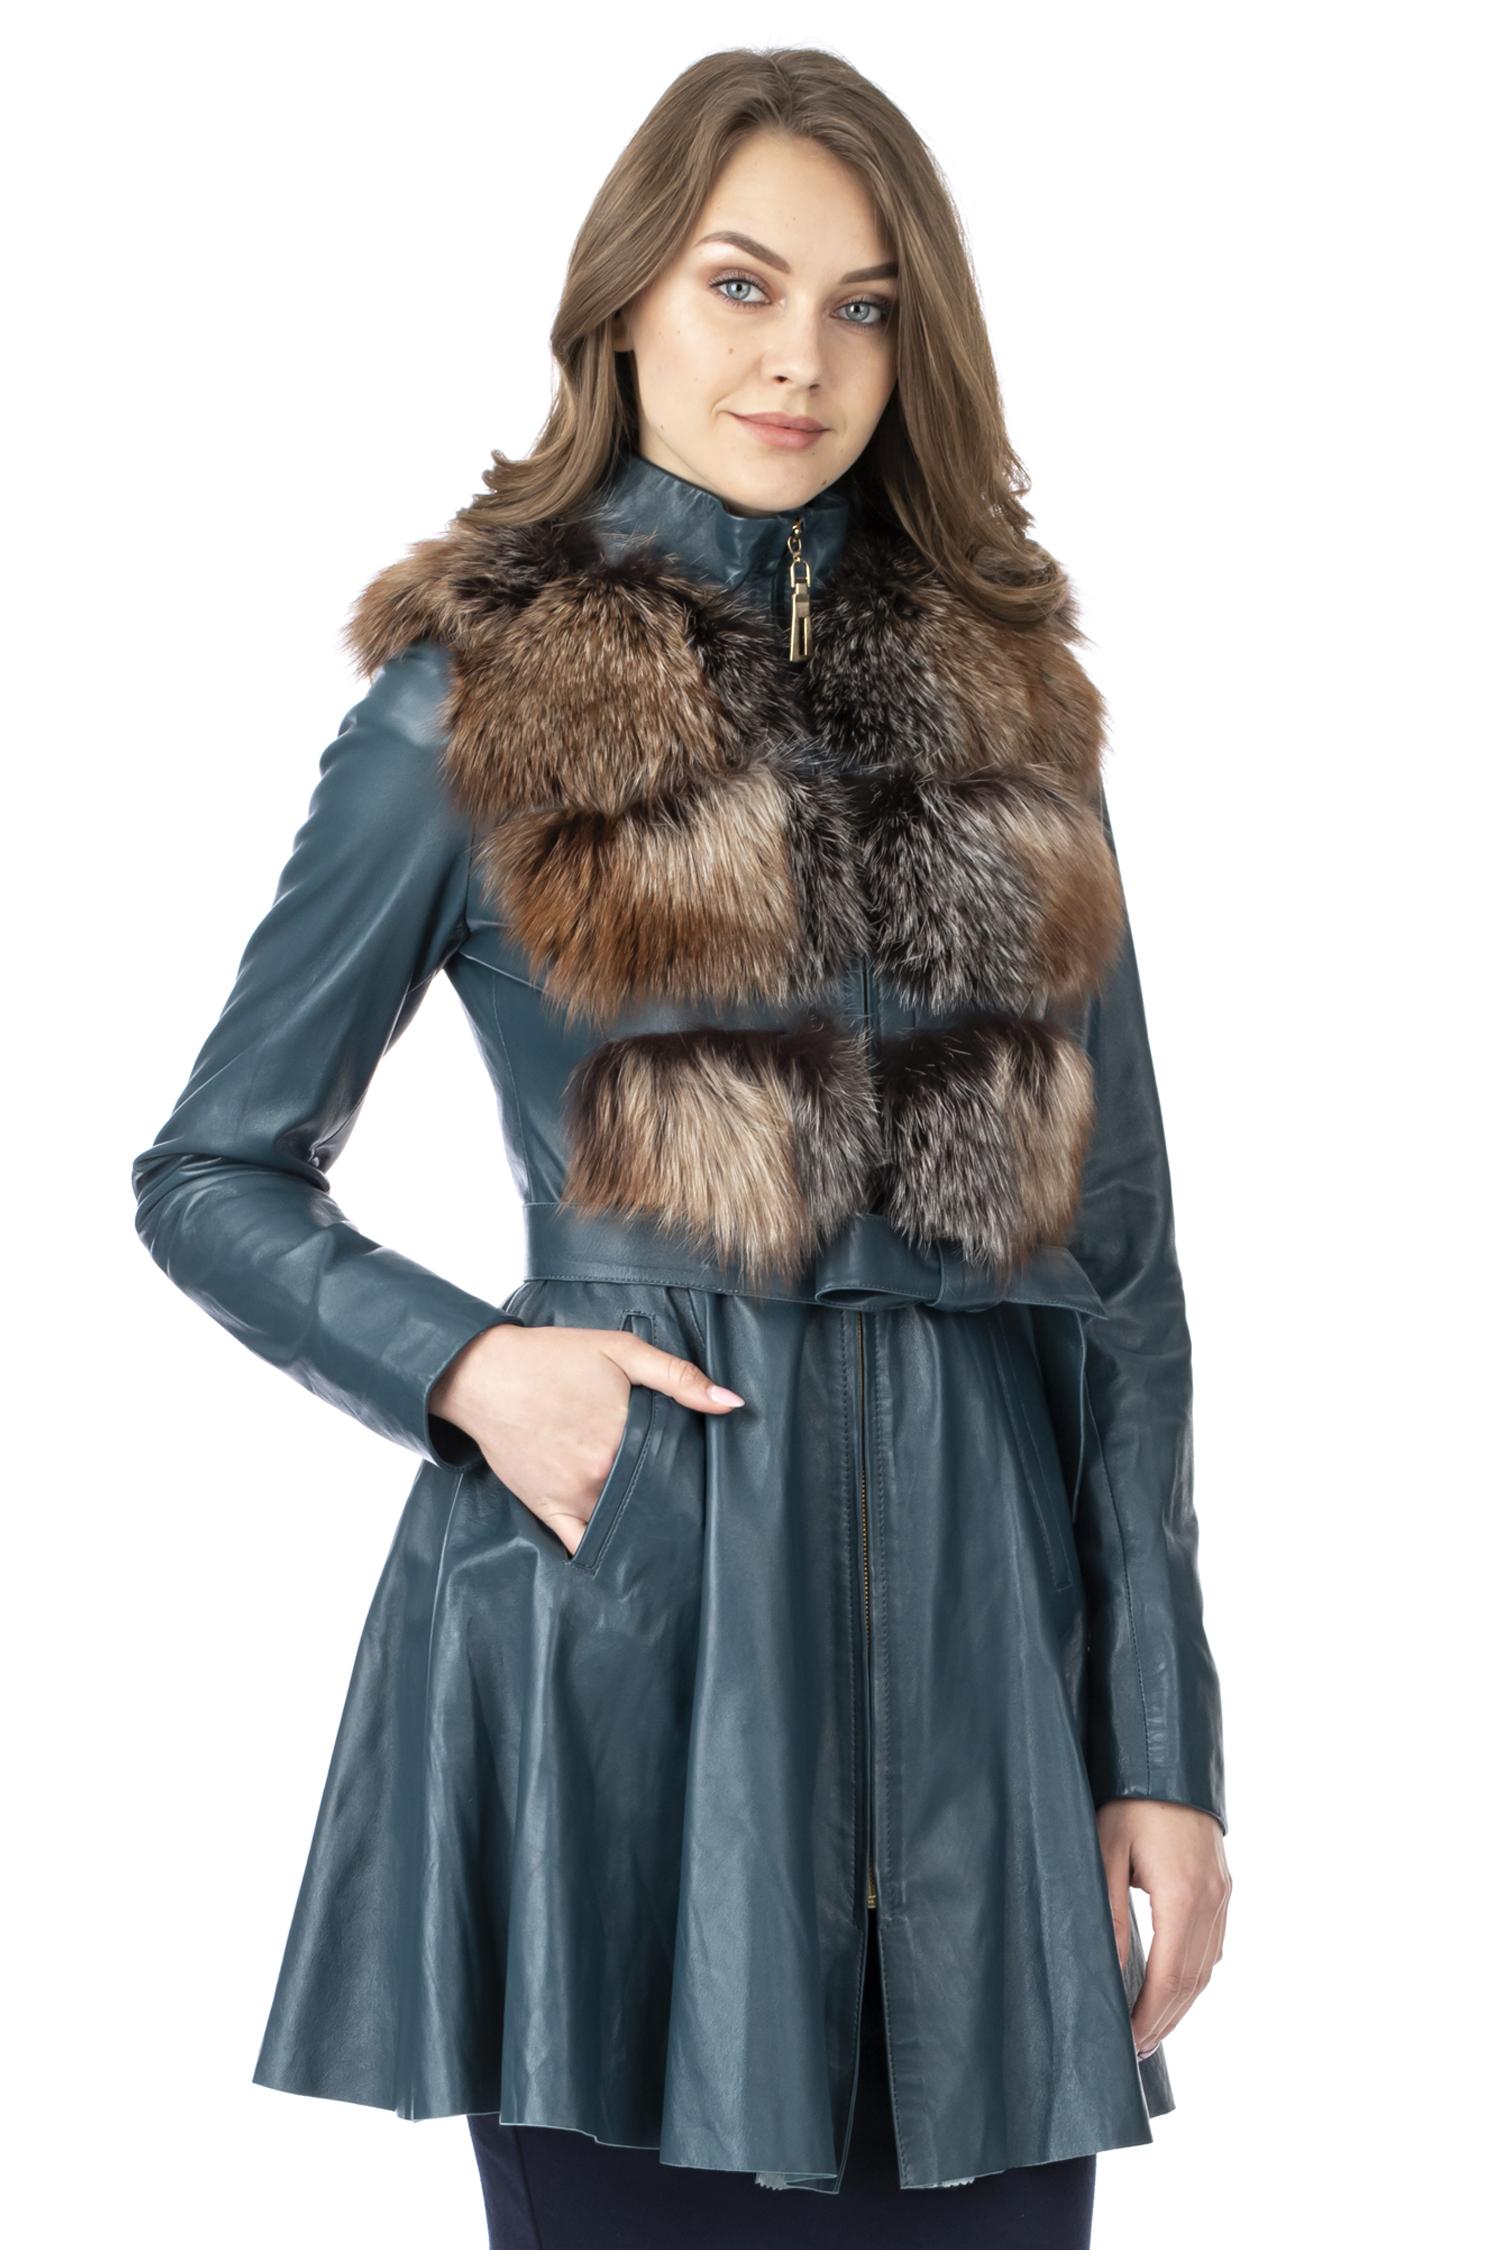 МОСМЕХА женское кожаное пальто с отделкой мехом кролика и поясом